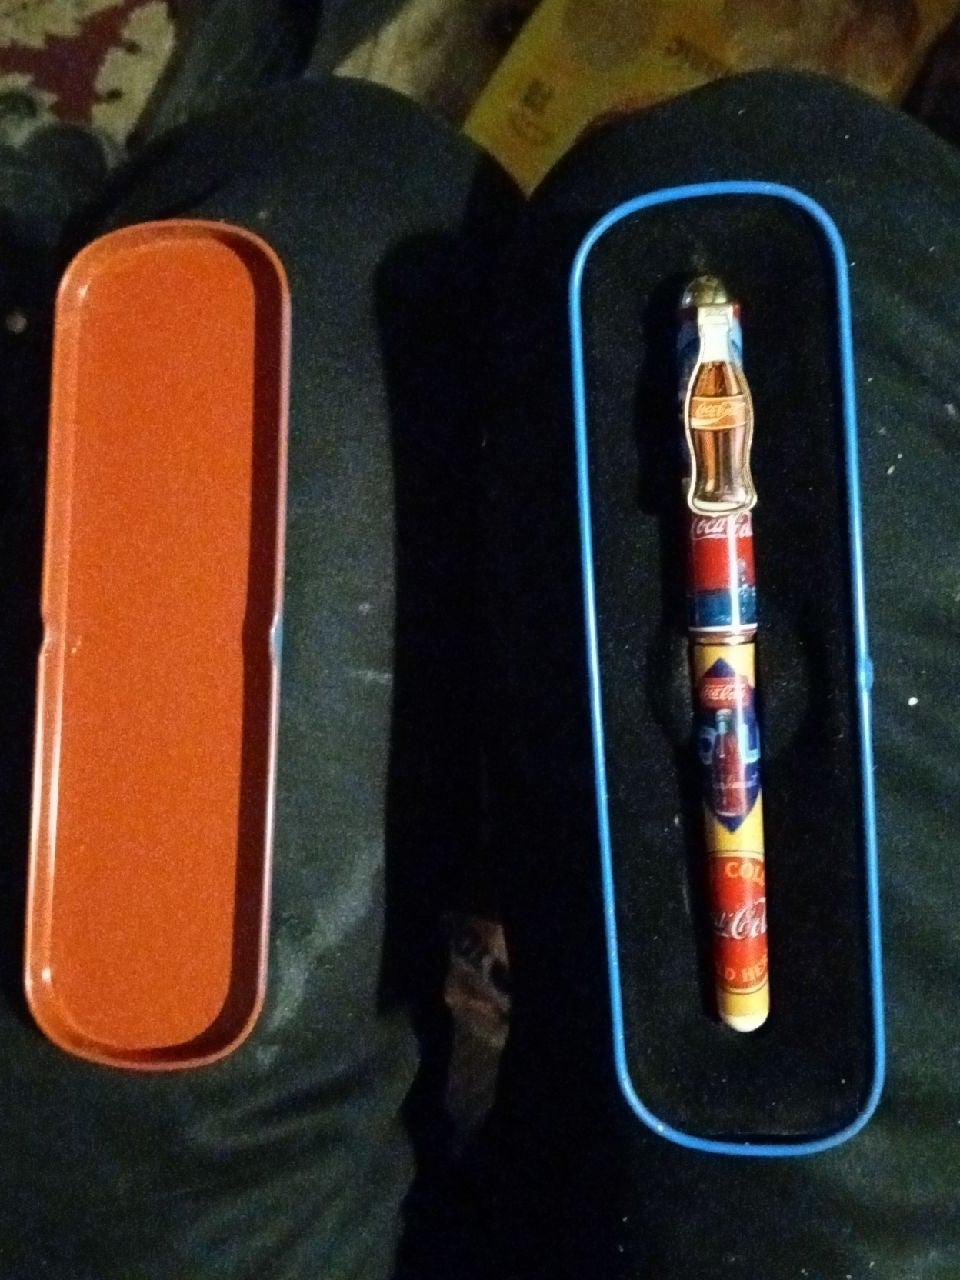 1996 collectable coca cola pen